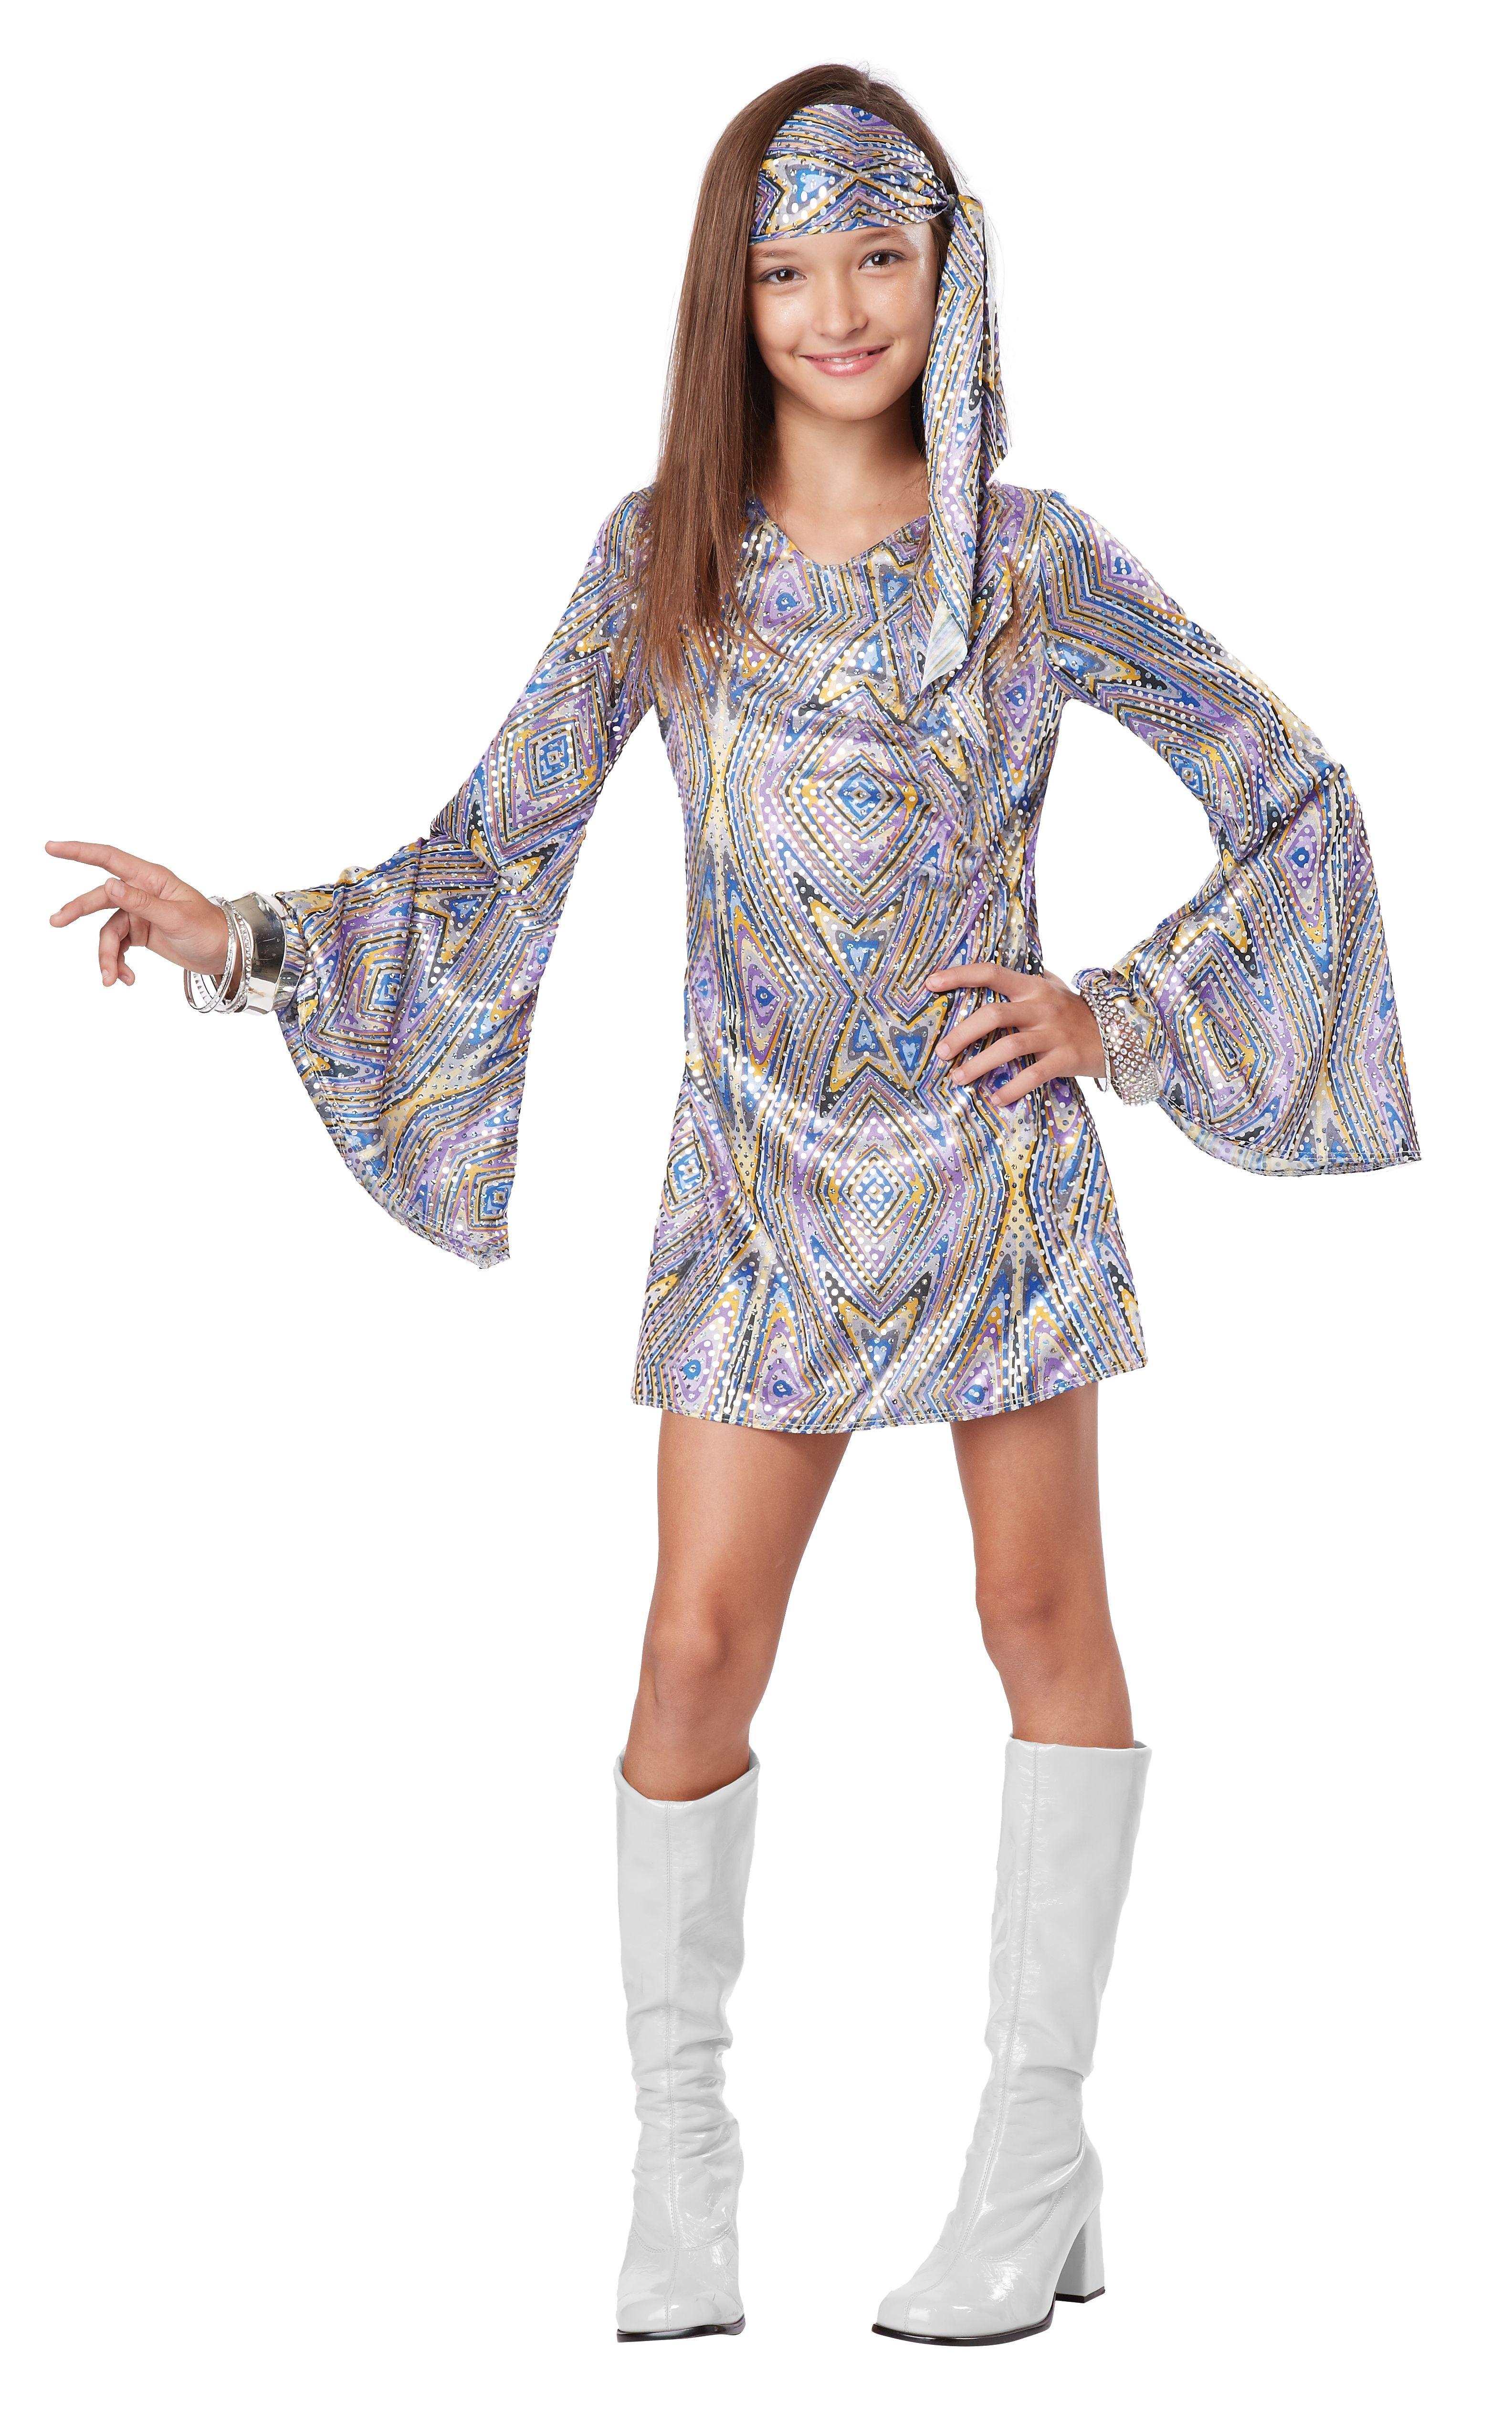 60s/70s Disco Darling Kids Go-Go Costume | Discos ...